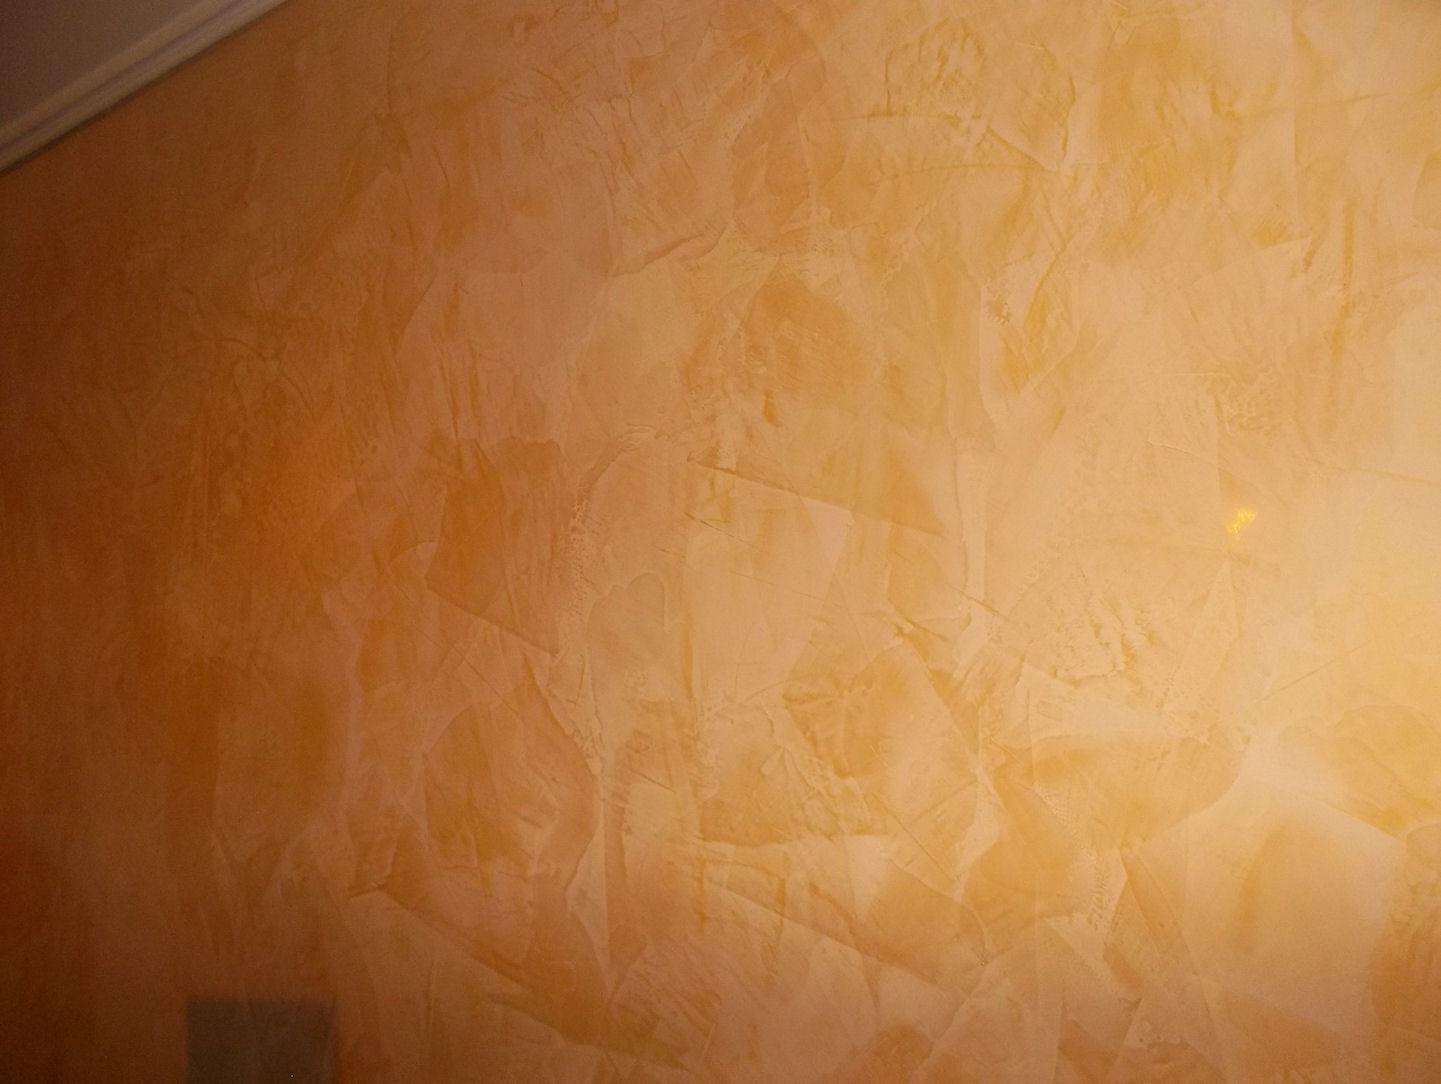 Muratore pittore esperto in stucco veneziano roma for Stucco veneziano immagini